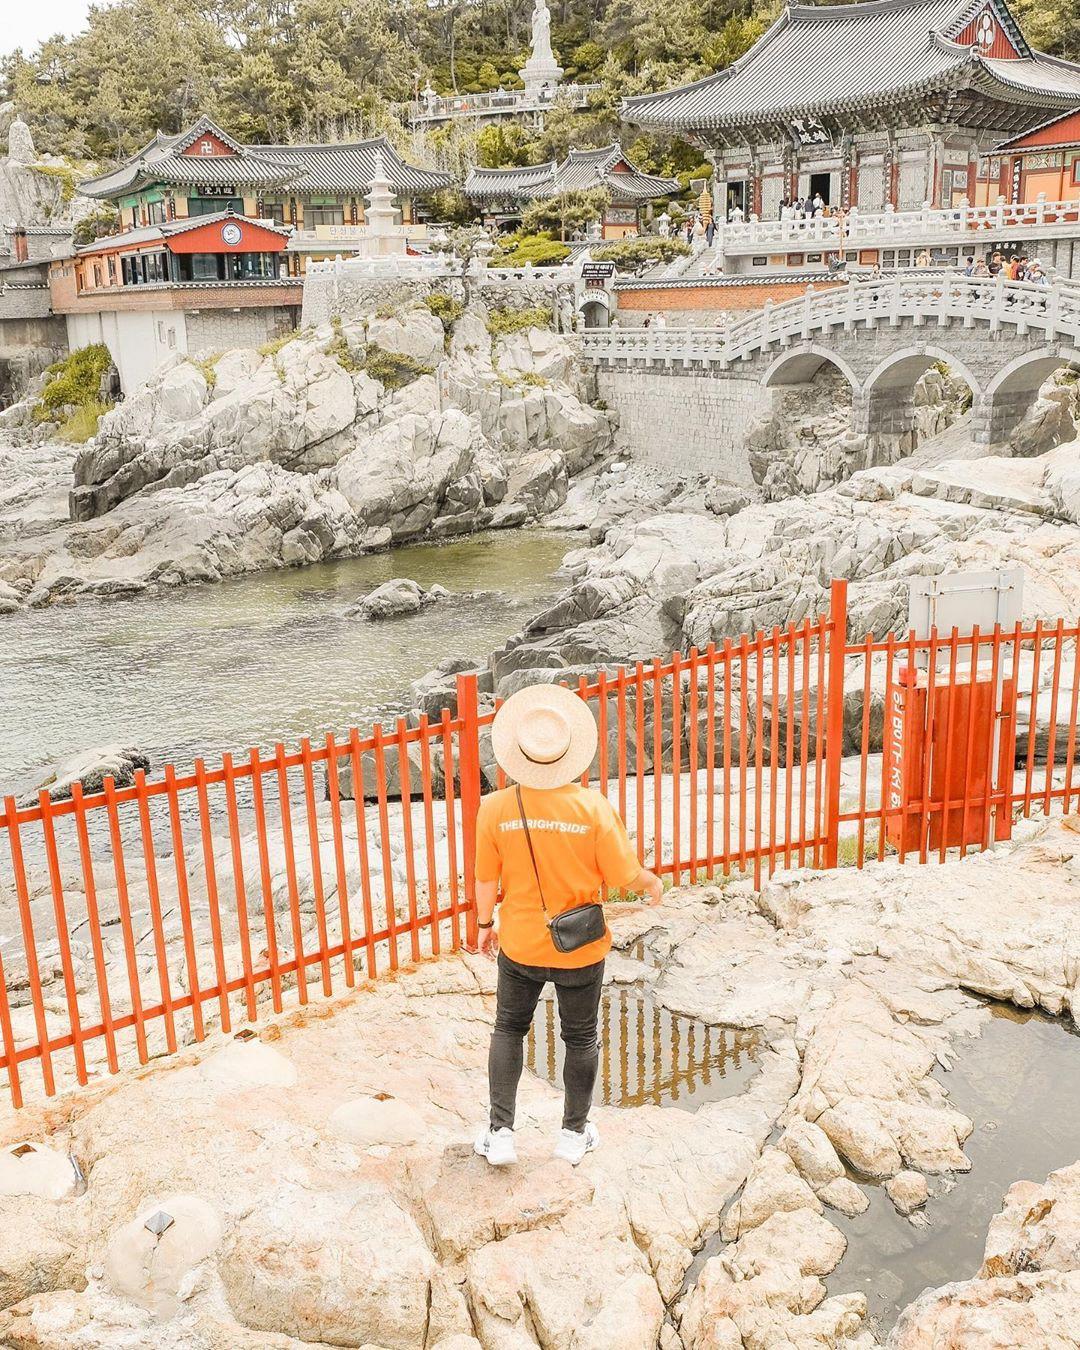 Mê mệt với những điểm đến hút khách du lịch bậc nhất Busan - Ảnh 30.